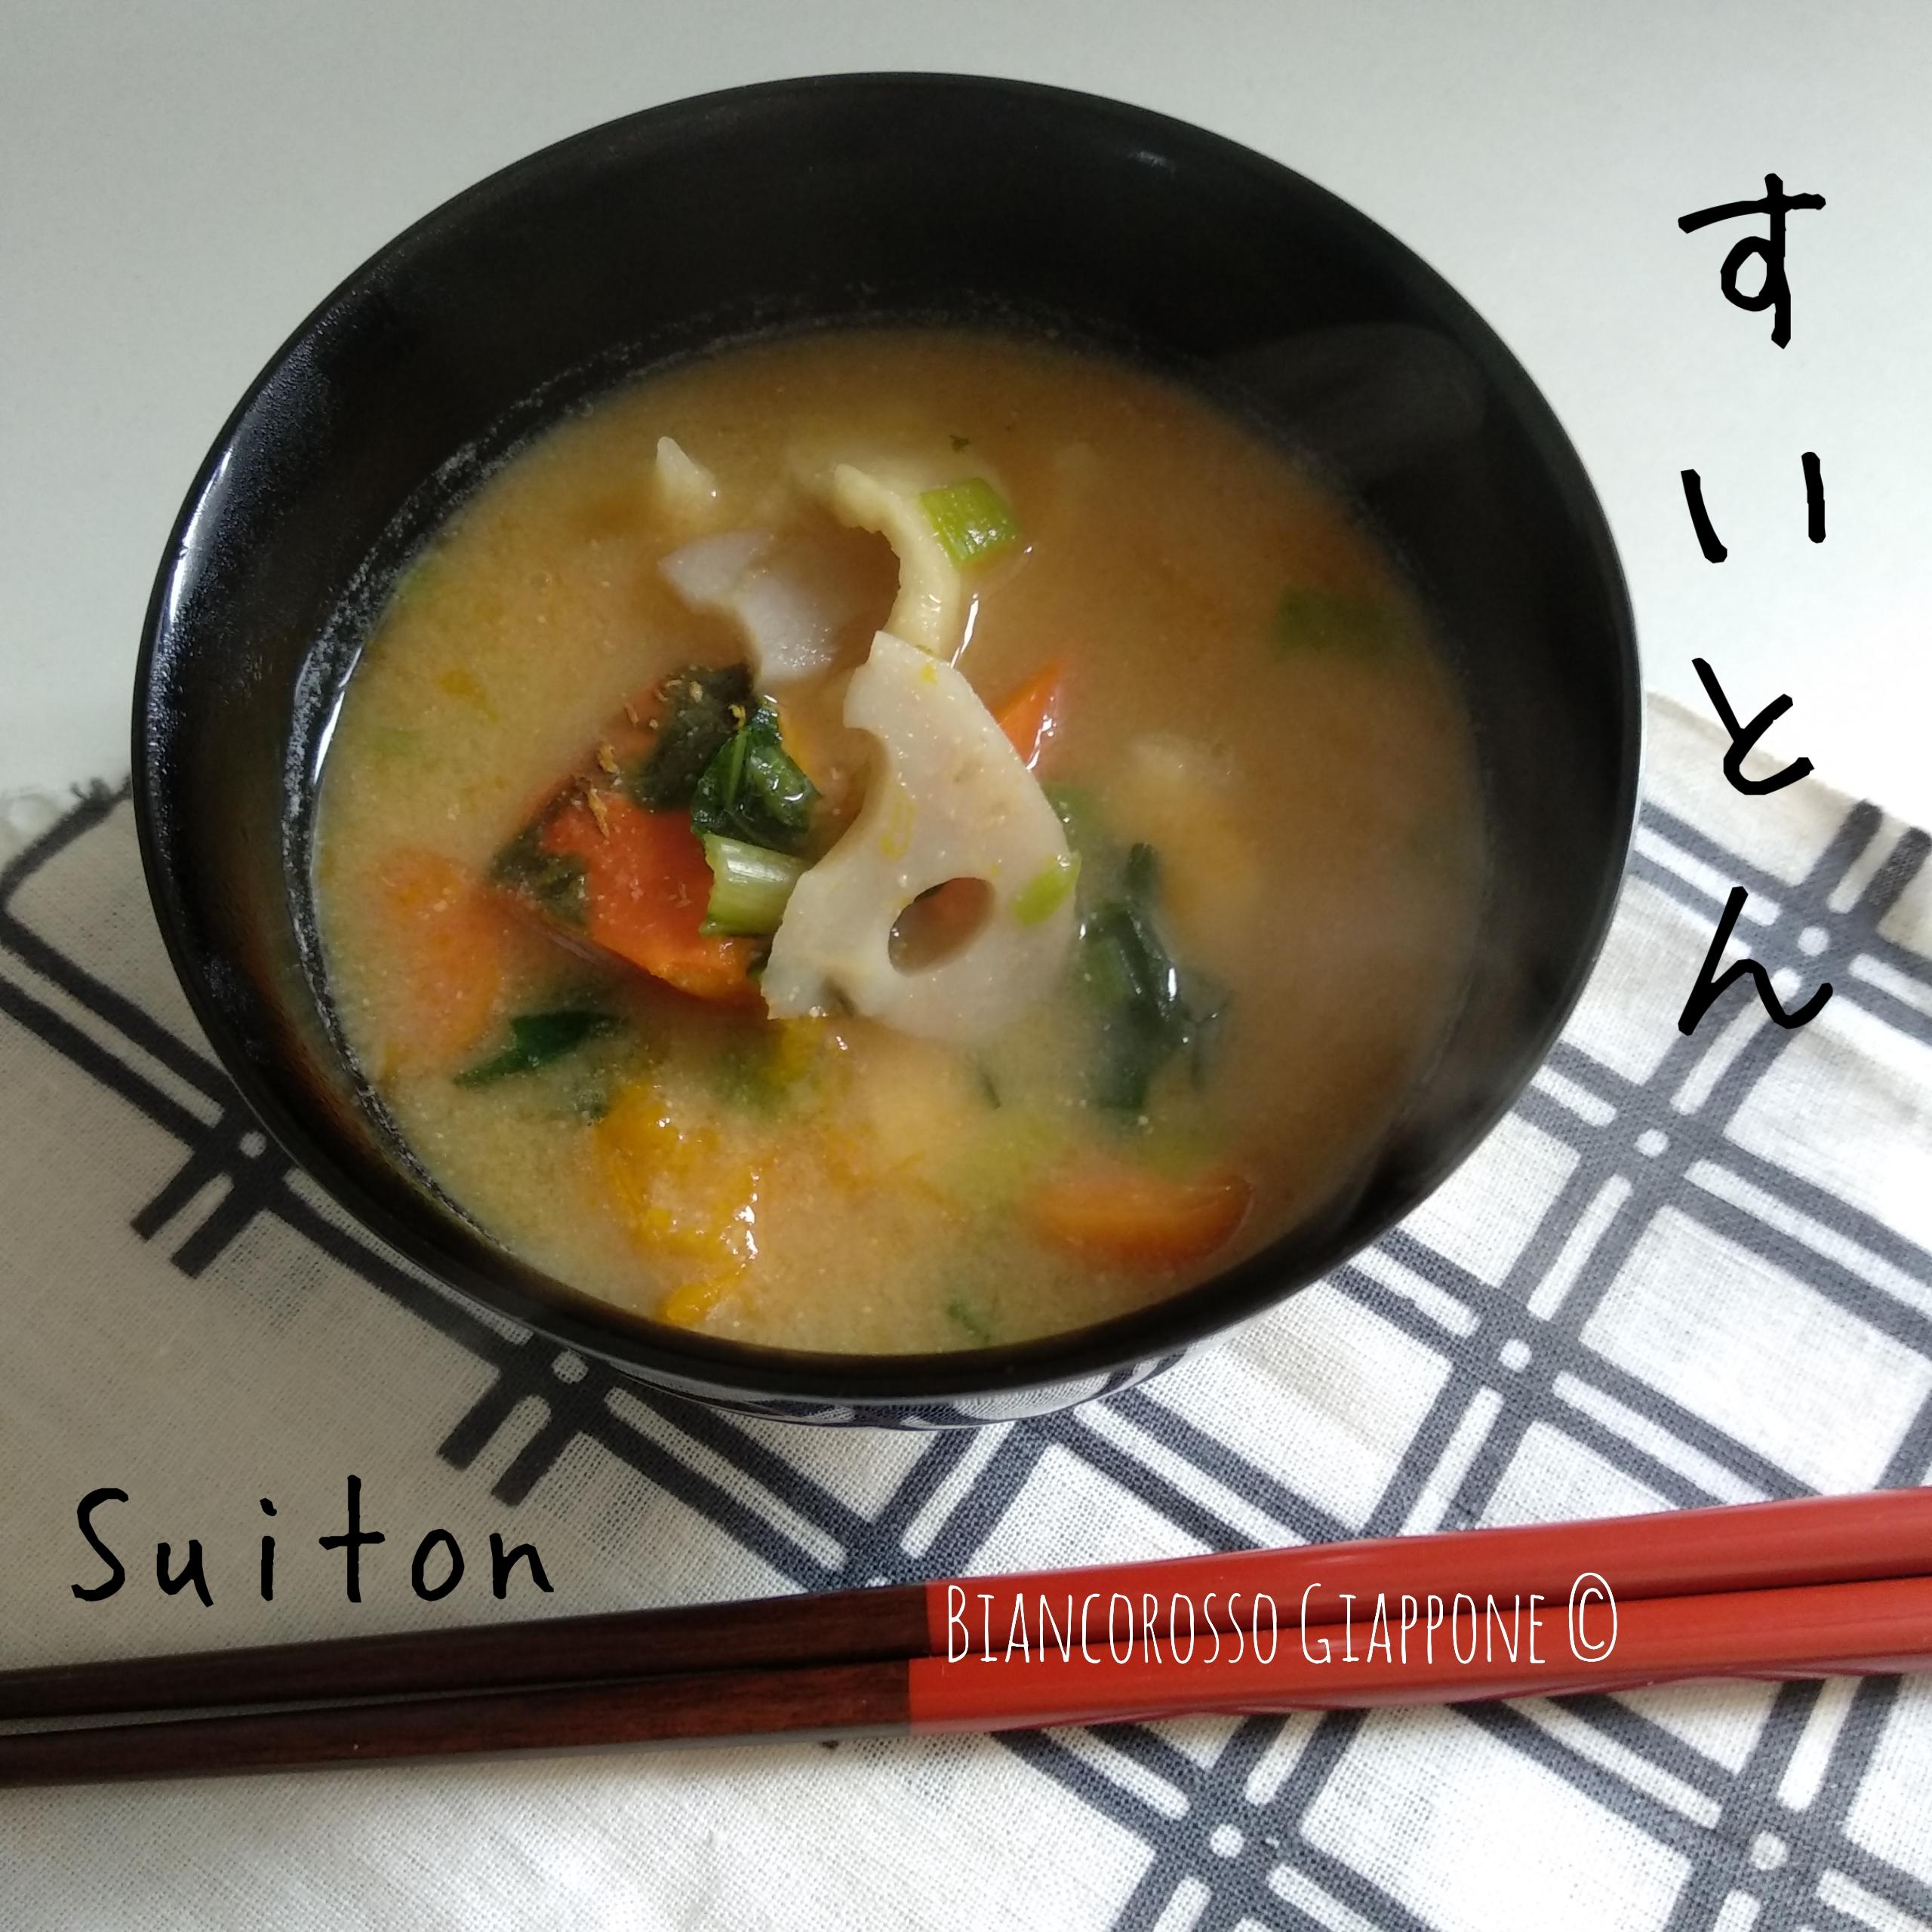 Suiton